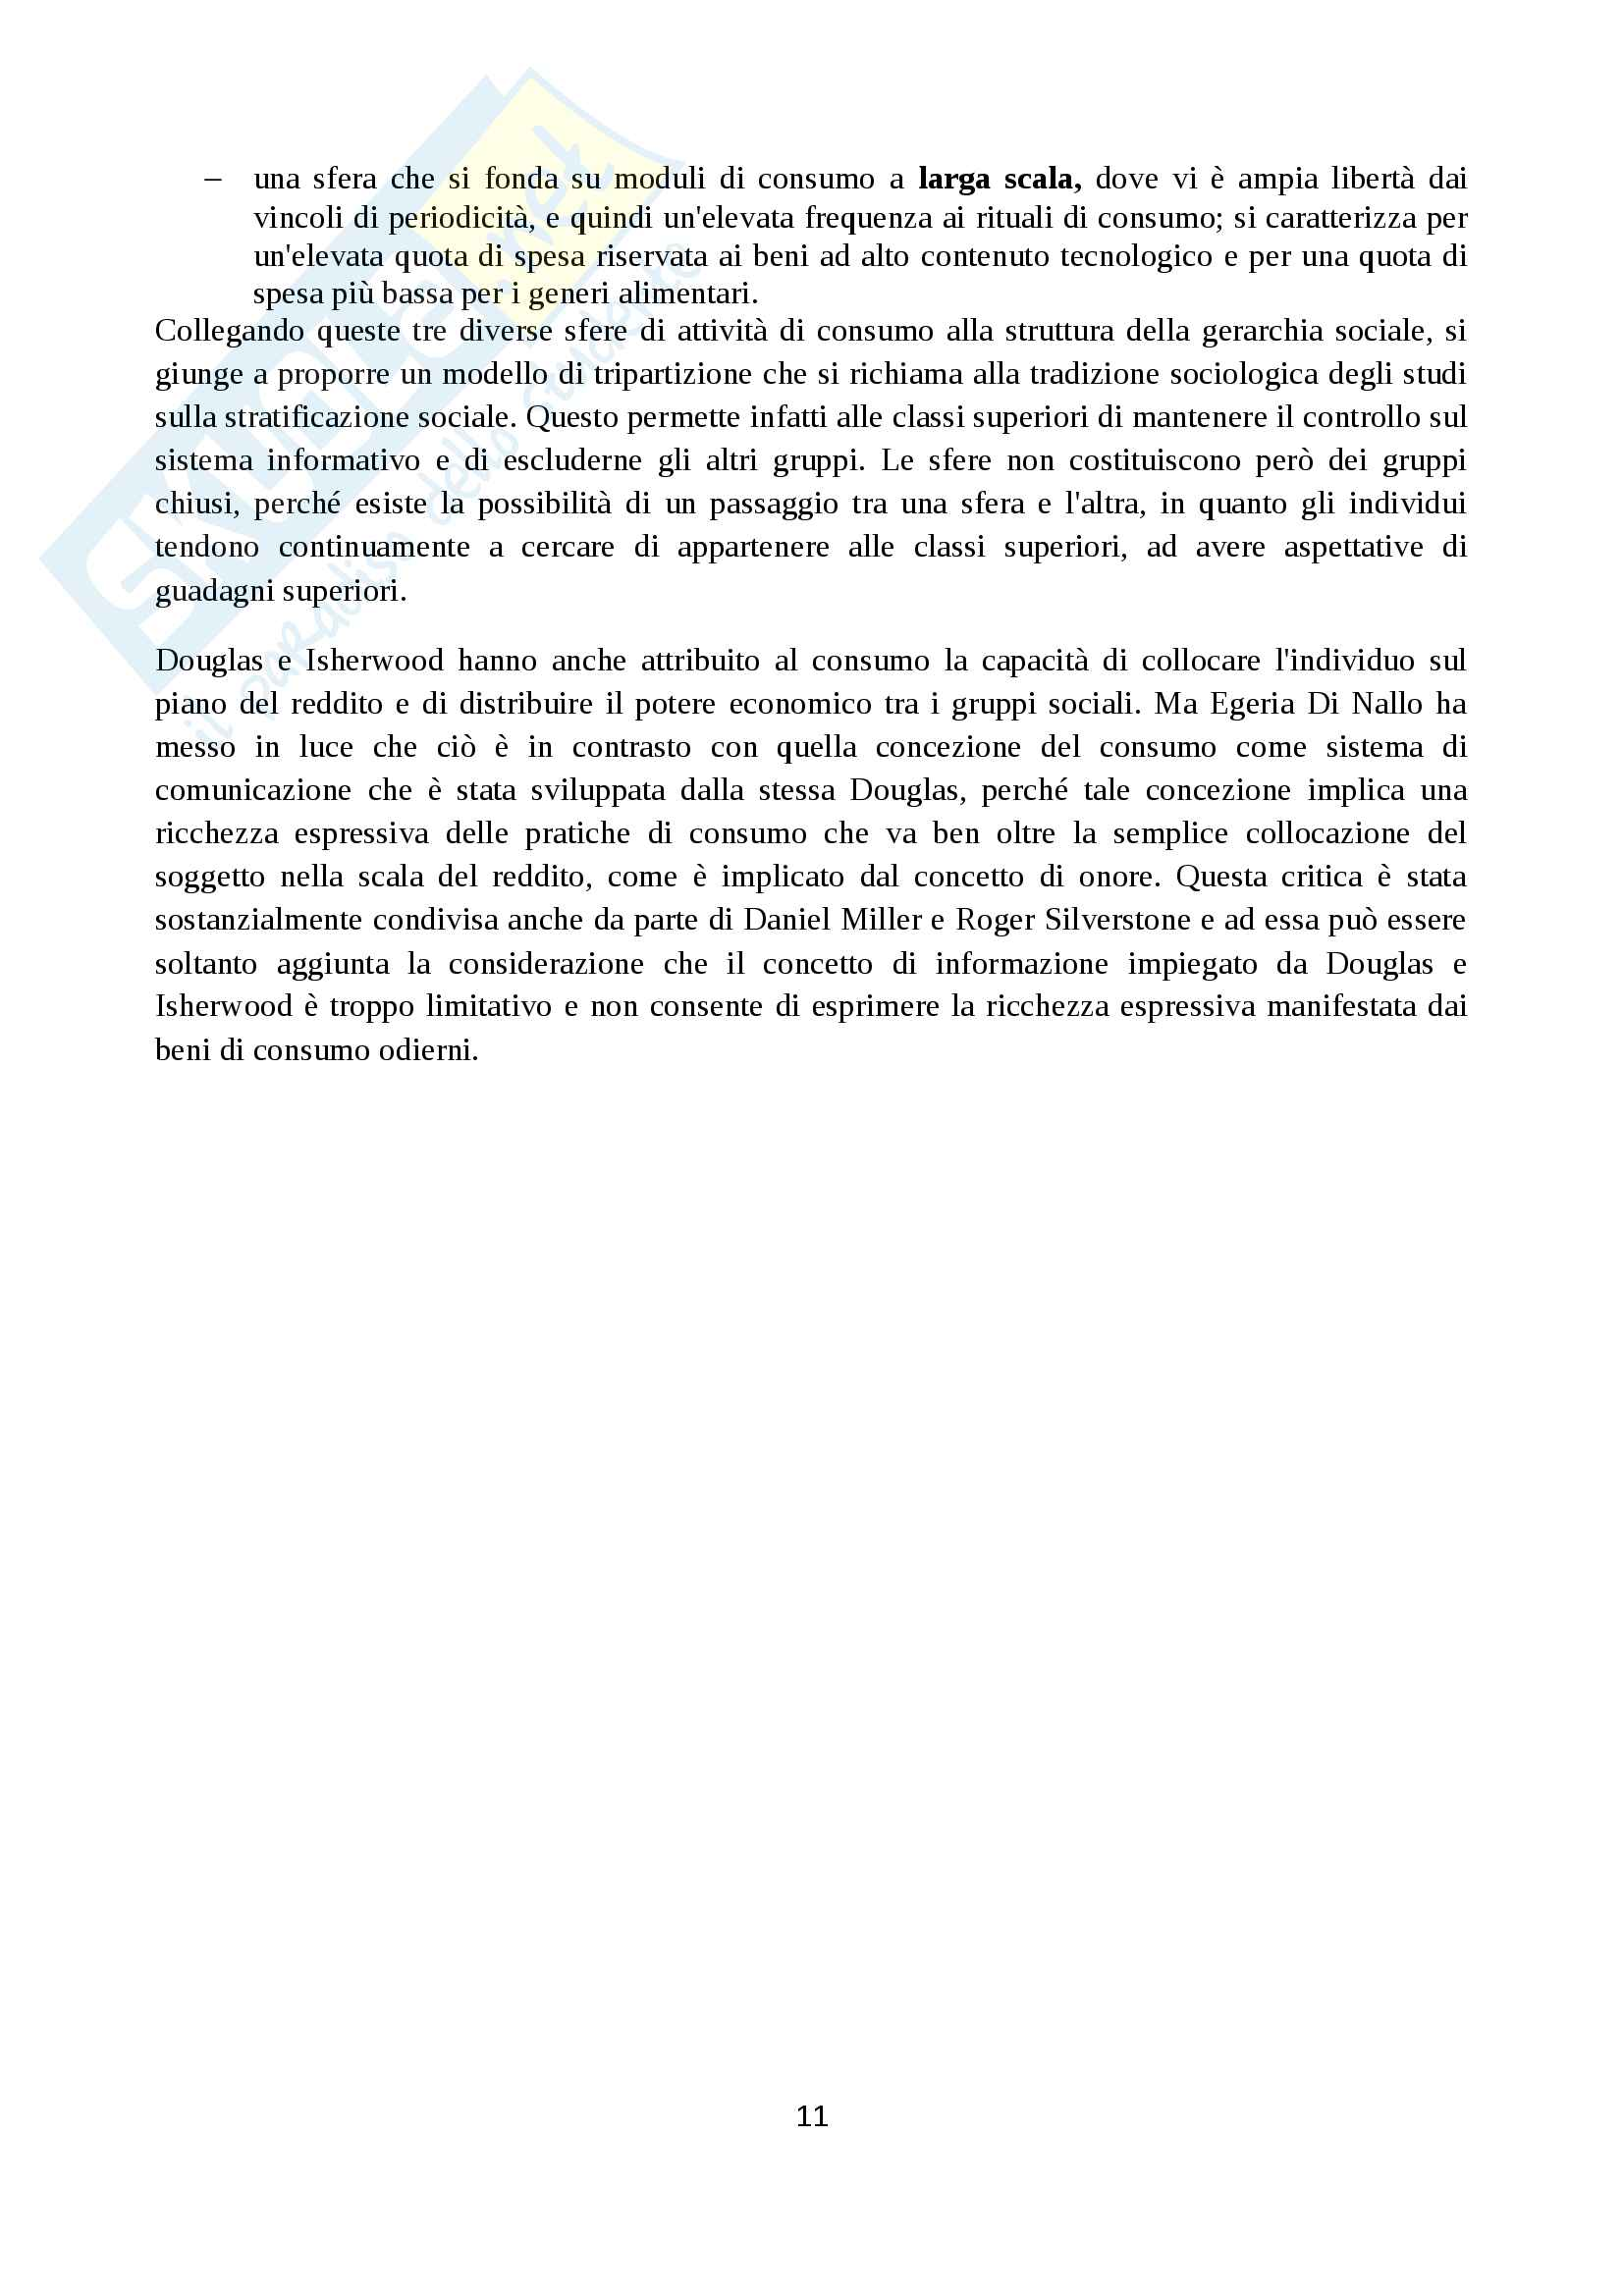 Appunti di sociologia dei consumi con particolare riferimento a Ritzer, Bauman e Douglas Pag. 11